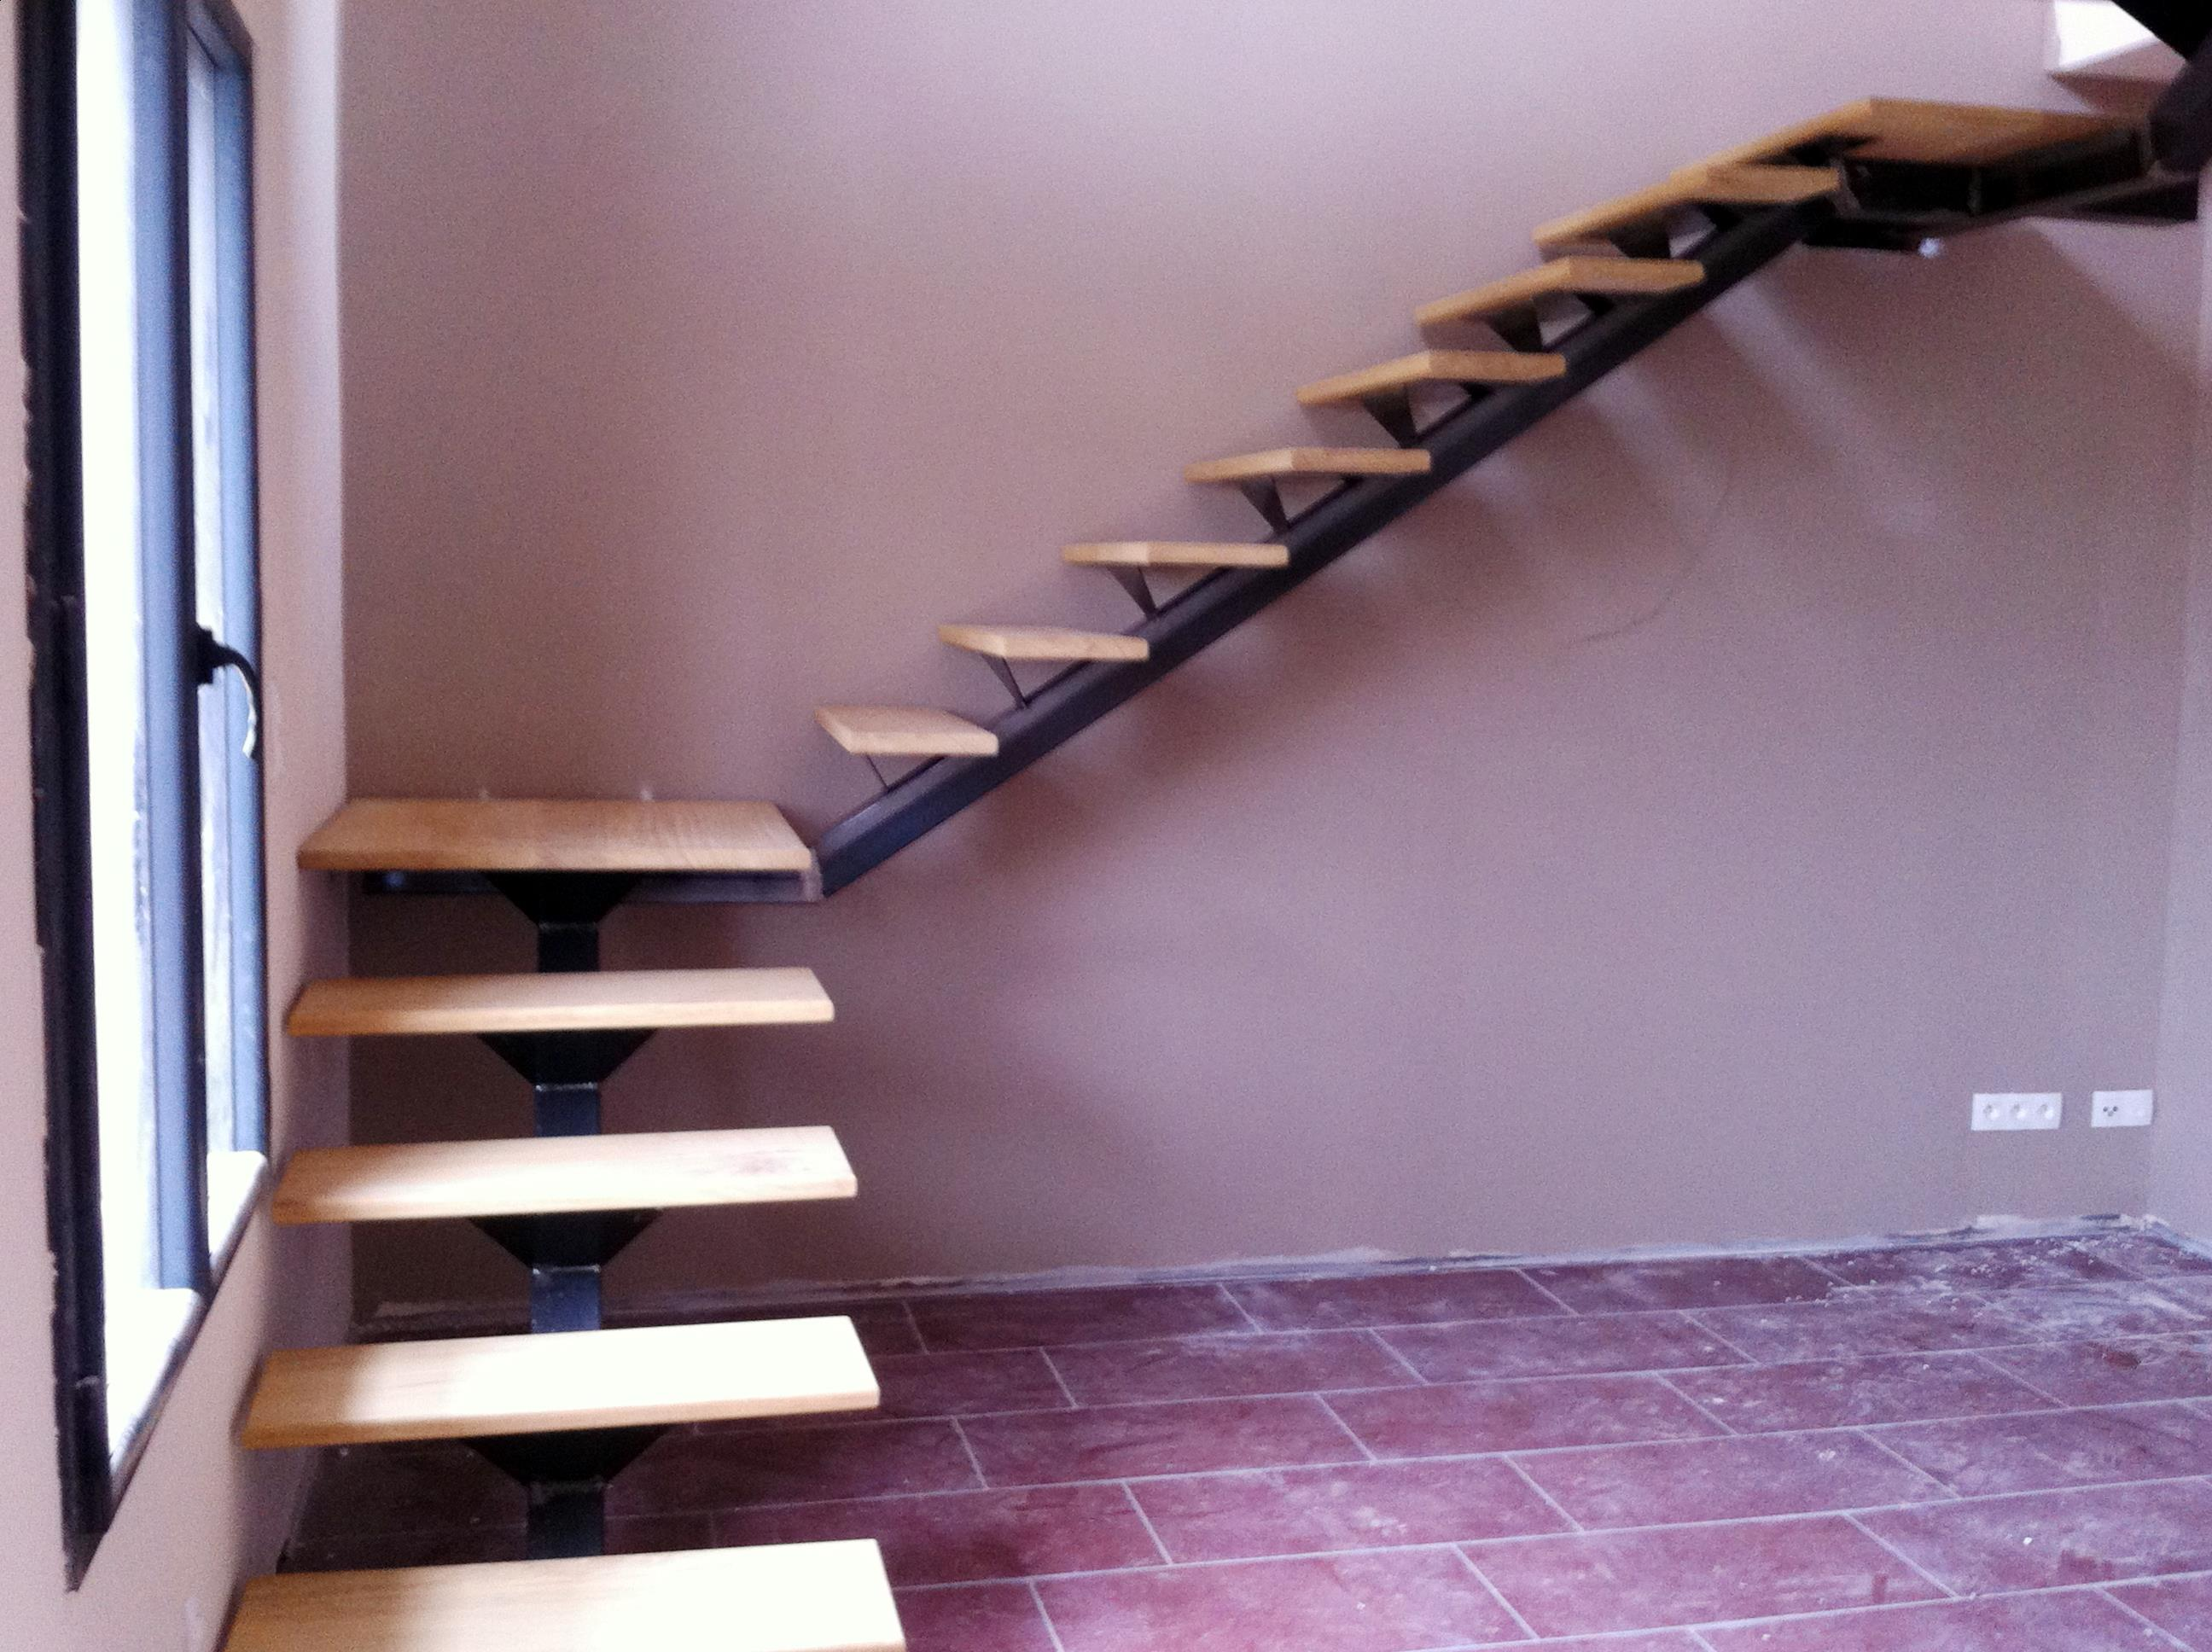 escalier m tal sur mesure b ziers et alentours mvp escalier m tal. Black Bedroom Furniture Sets. Home Design Ideas